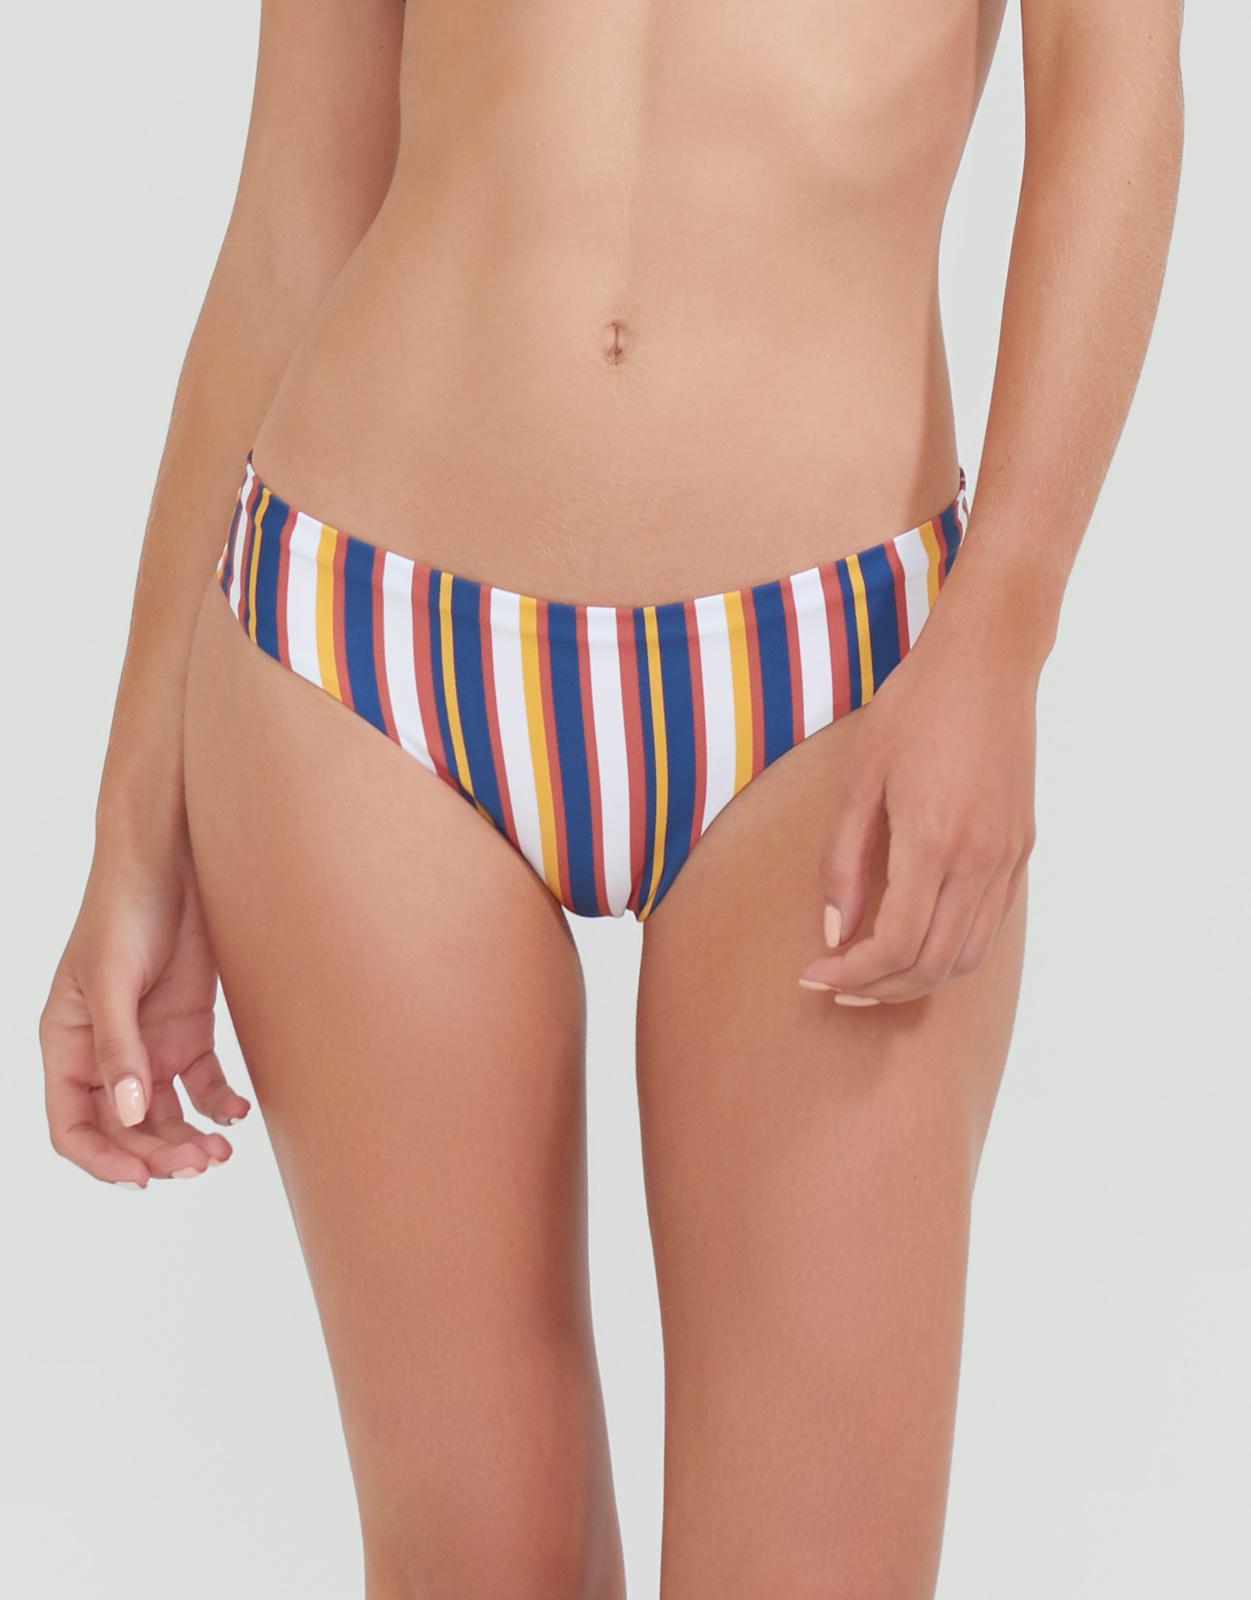 Maaji Amazon Docks Elastic Side Bands Bikini Bottom